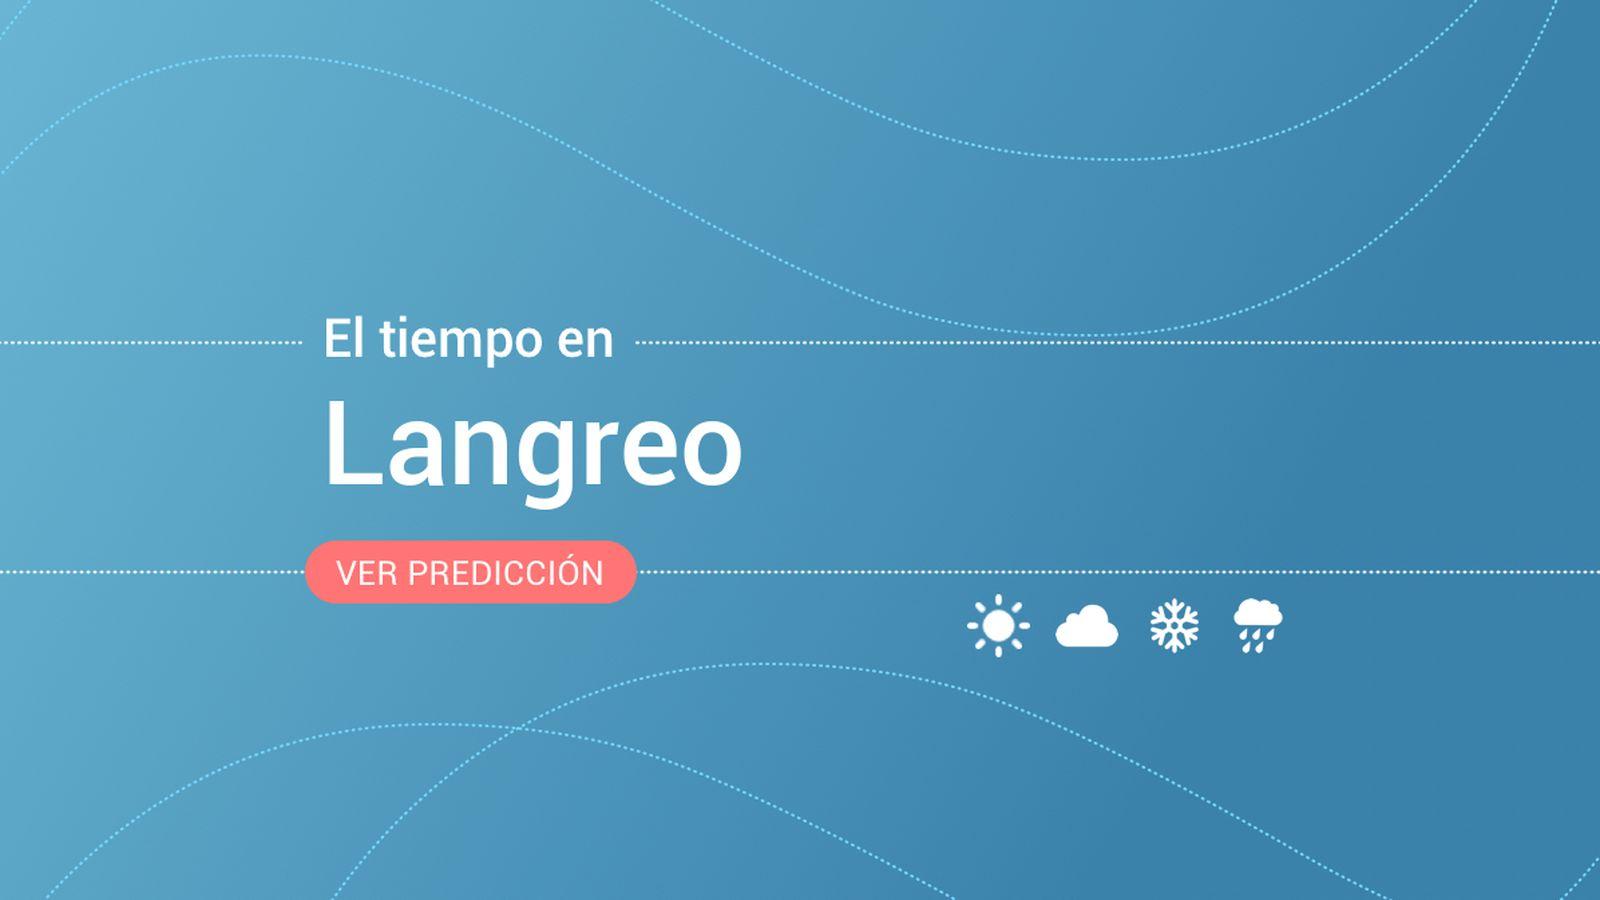 Foto: El tiempo en Langreo. (EC)